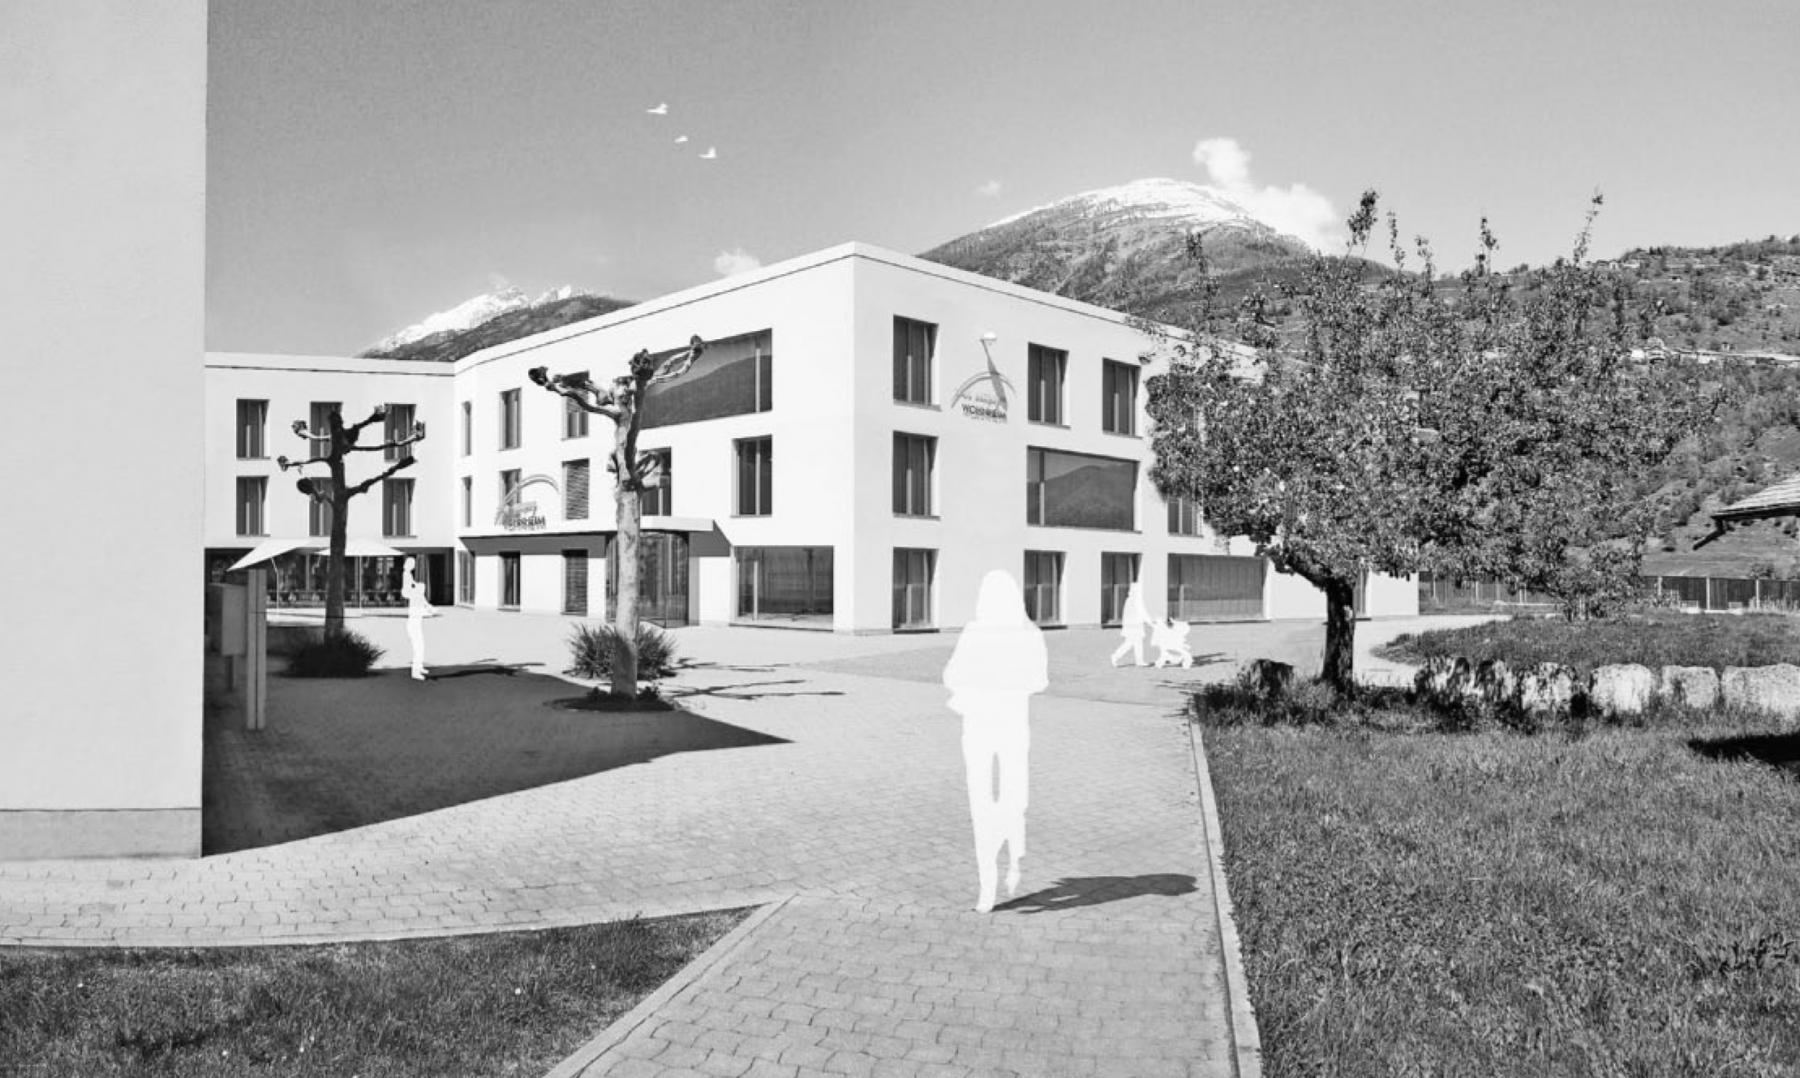 """Erweiterung der Wohn- und Beschäftigungsstätte """"Fux campagna"""", Visp, Albrecht Architekten, konvexkonkav"""